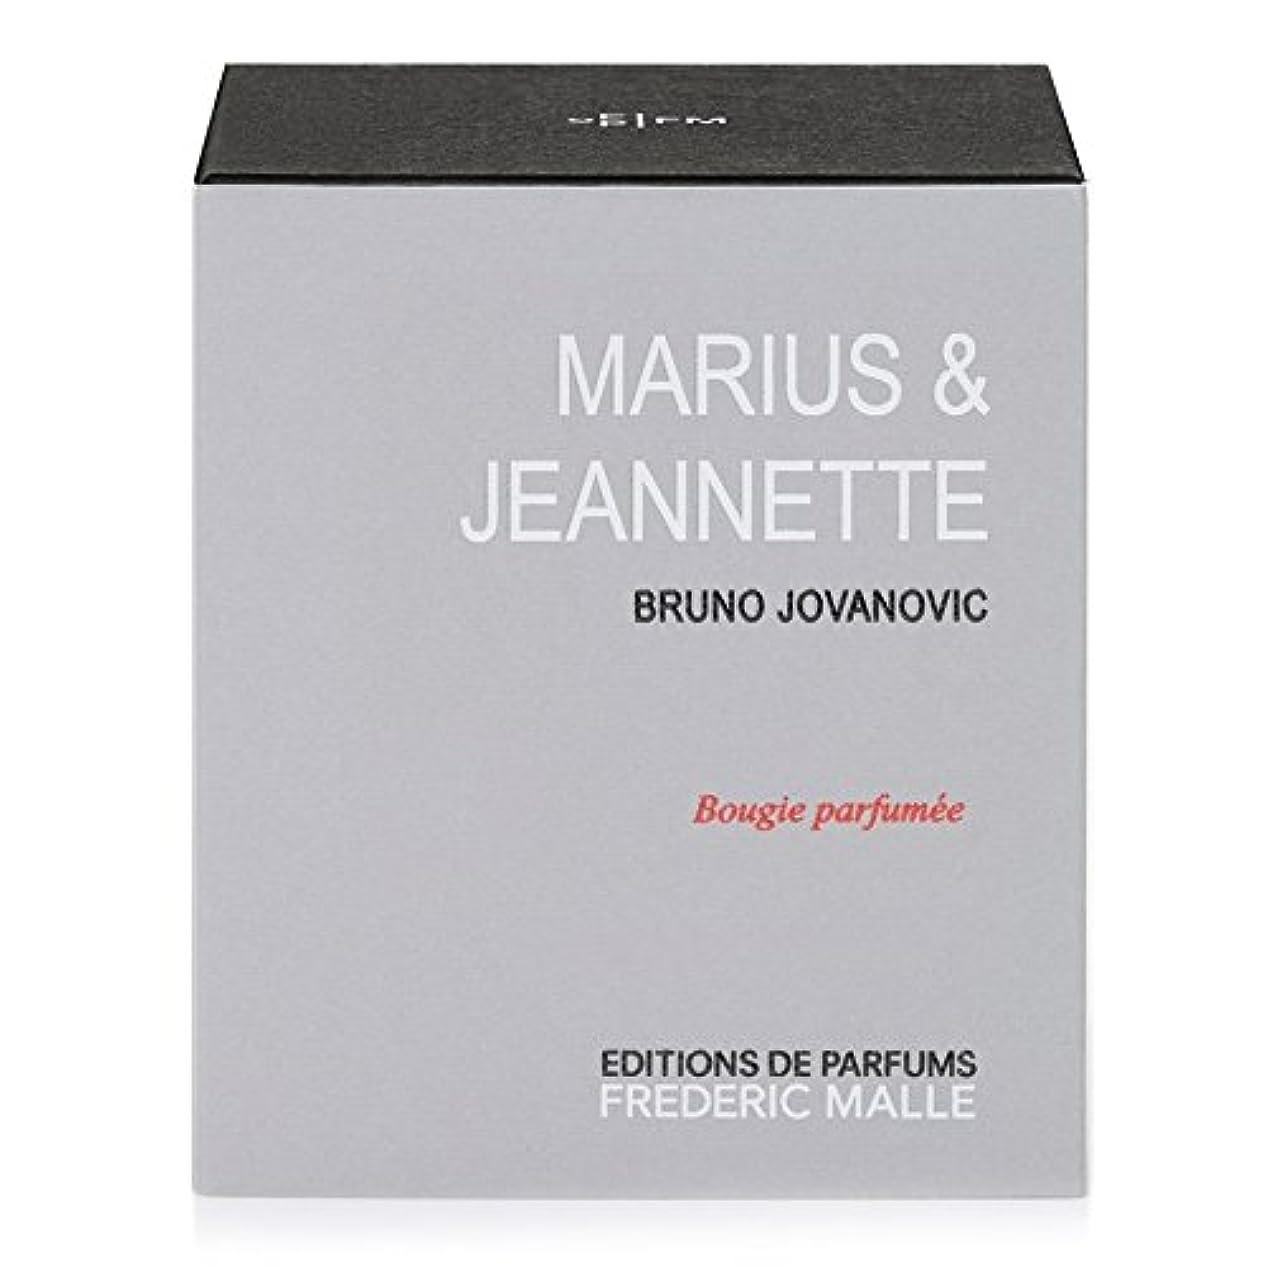 挨拶する浮く大いにFrederic Malle Maruis and Jeanette Scented Candle (Pack of 4) - フレデリック?マル とジャネット?香りのキャンドル x4 [並行輸入品]